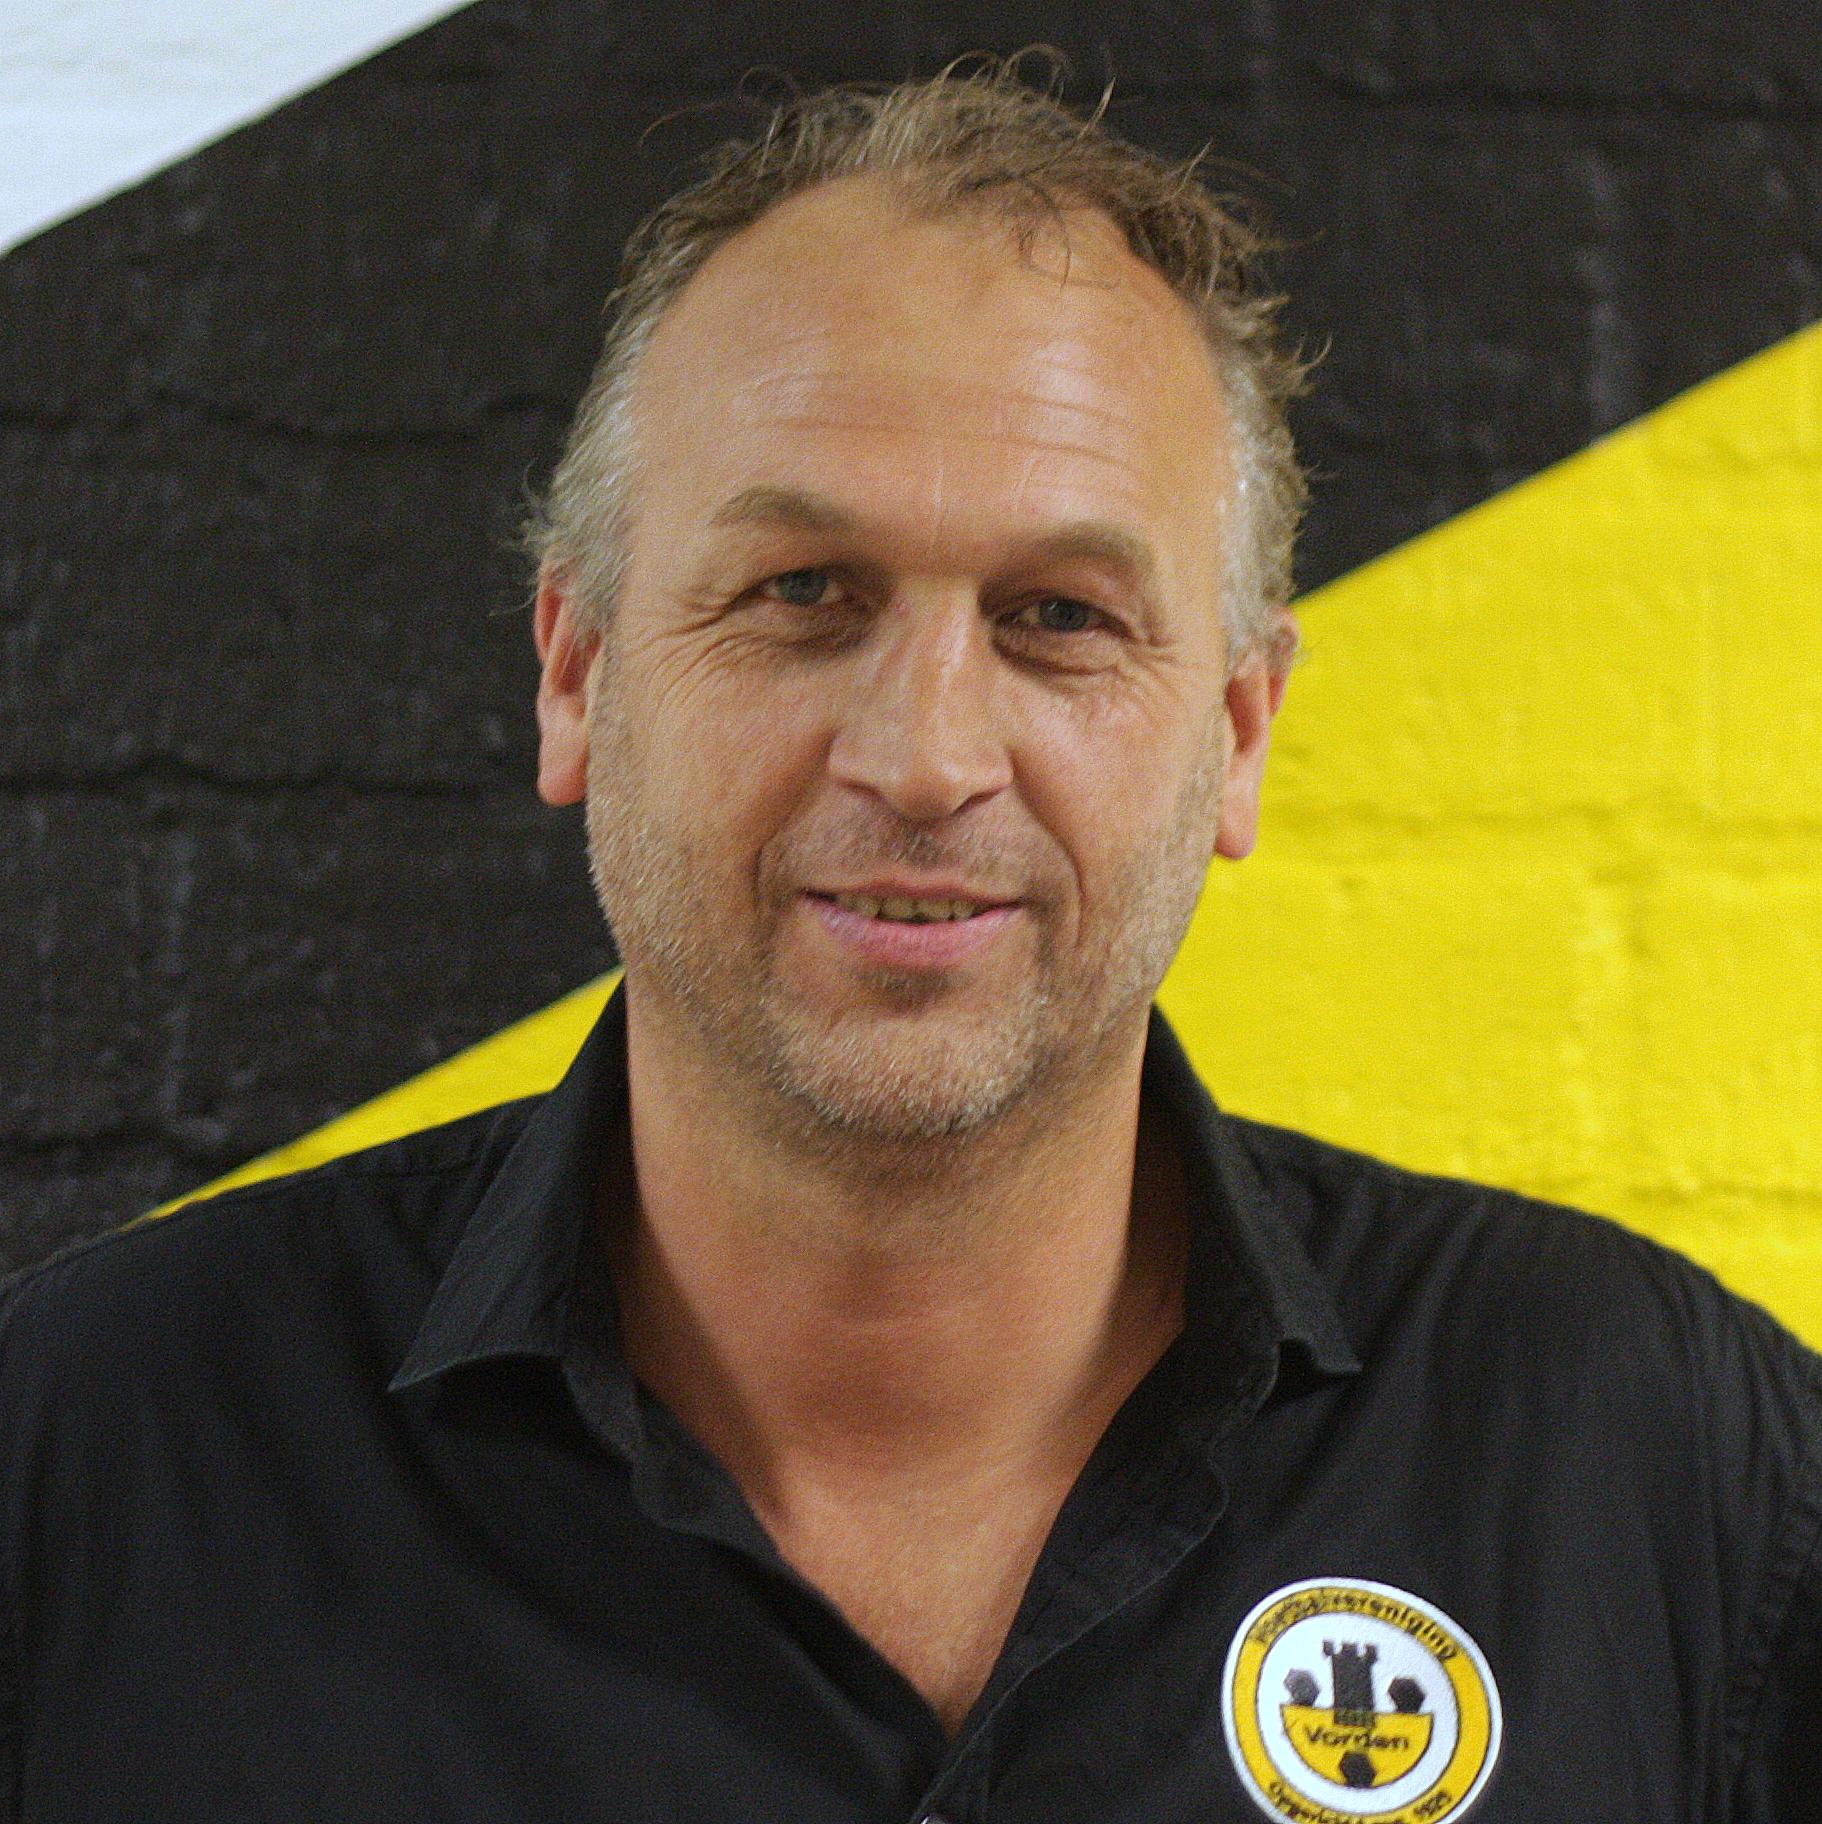 Kees Jansen